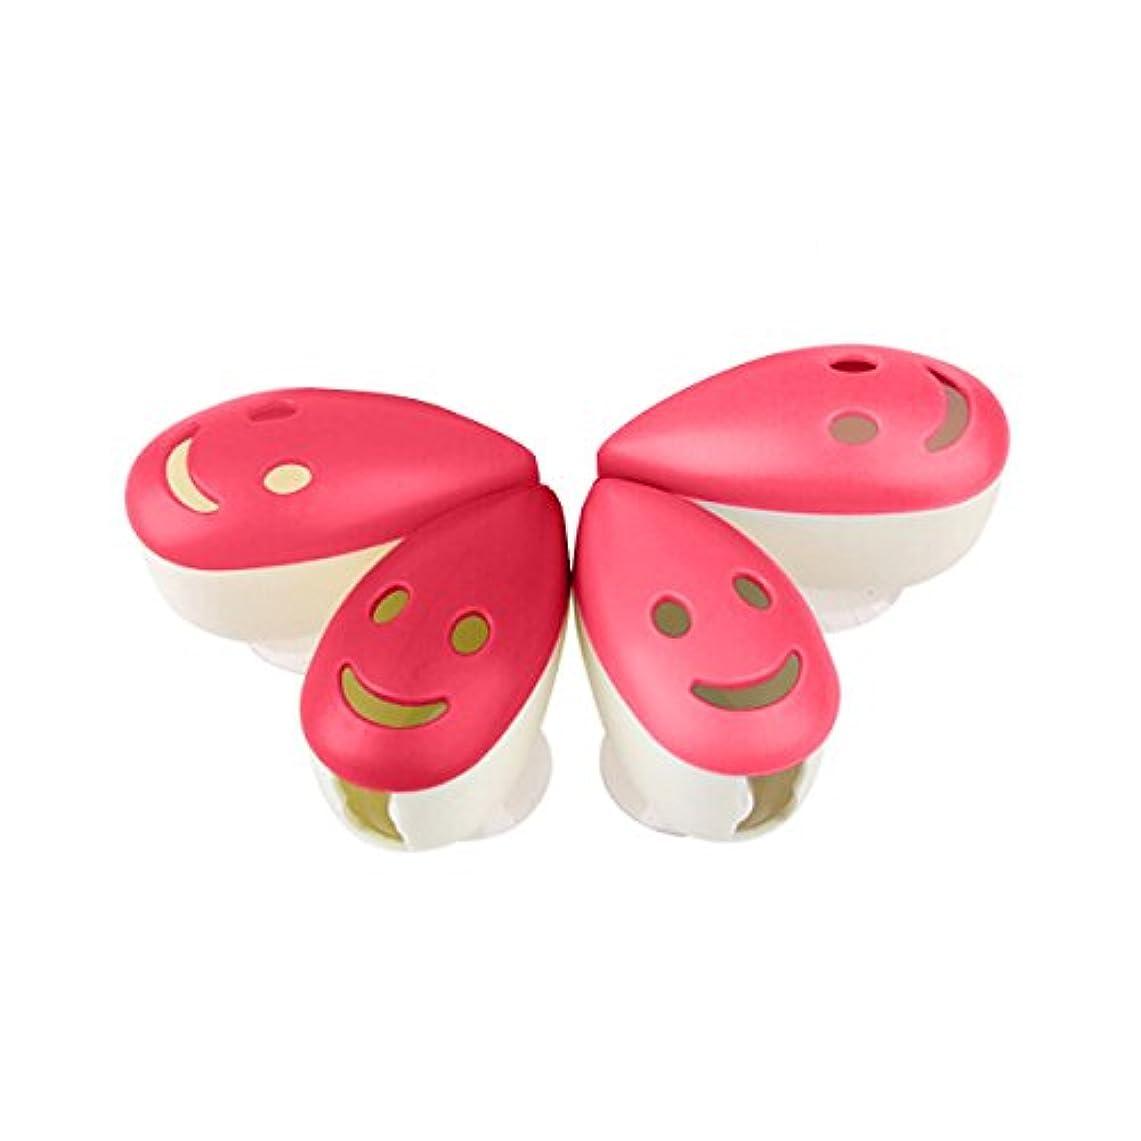 ミュウミュウ廃棄早めるROSENICE 歯ブラシケース4個のスマイルフェイス抗菌歯ブラシホルダーサクションカップ(混合色)